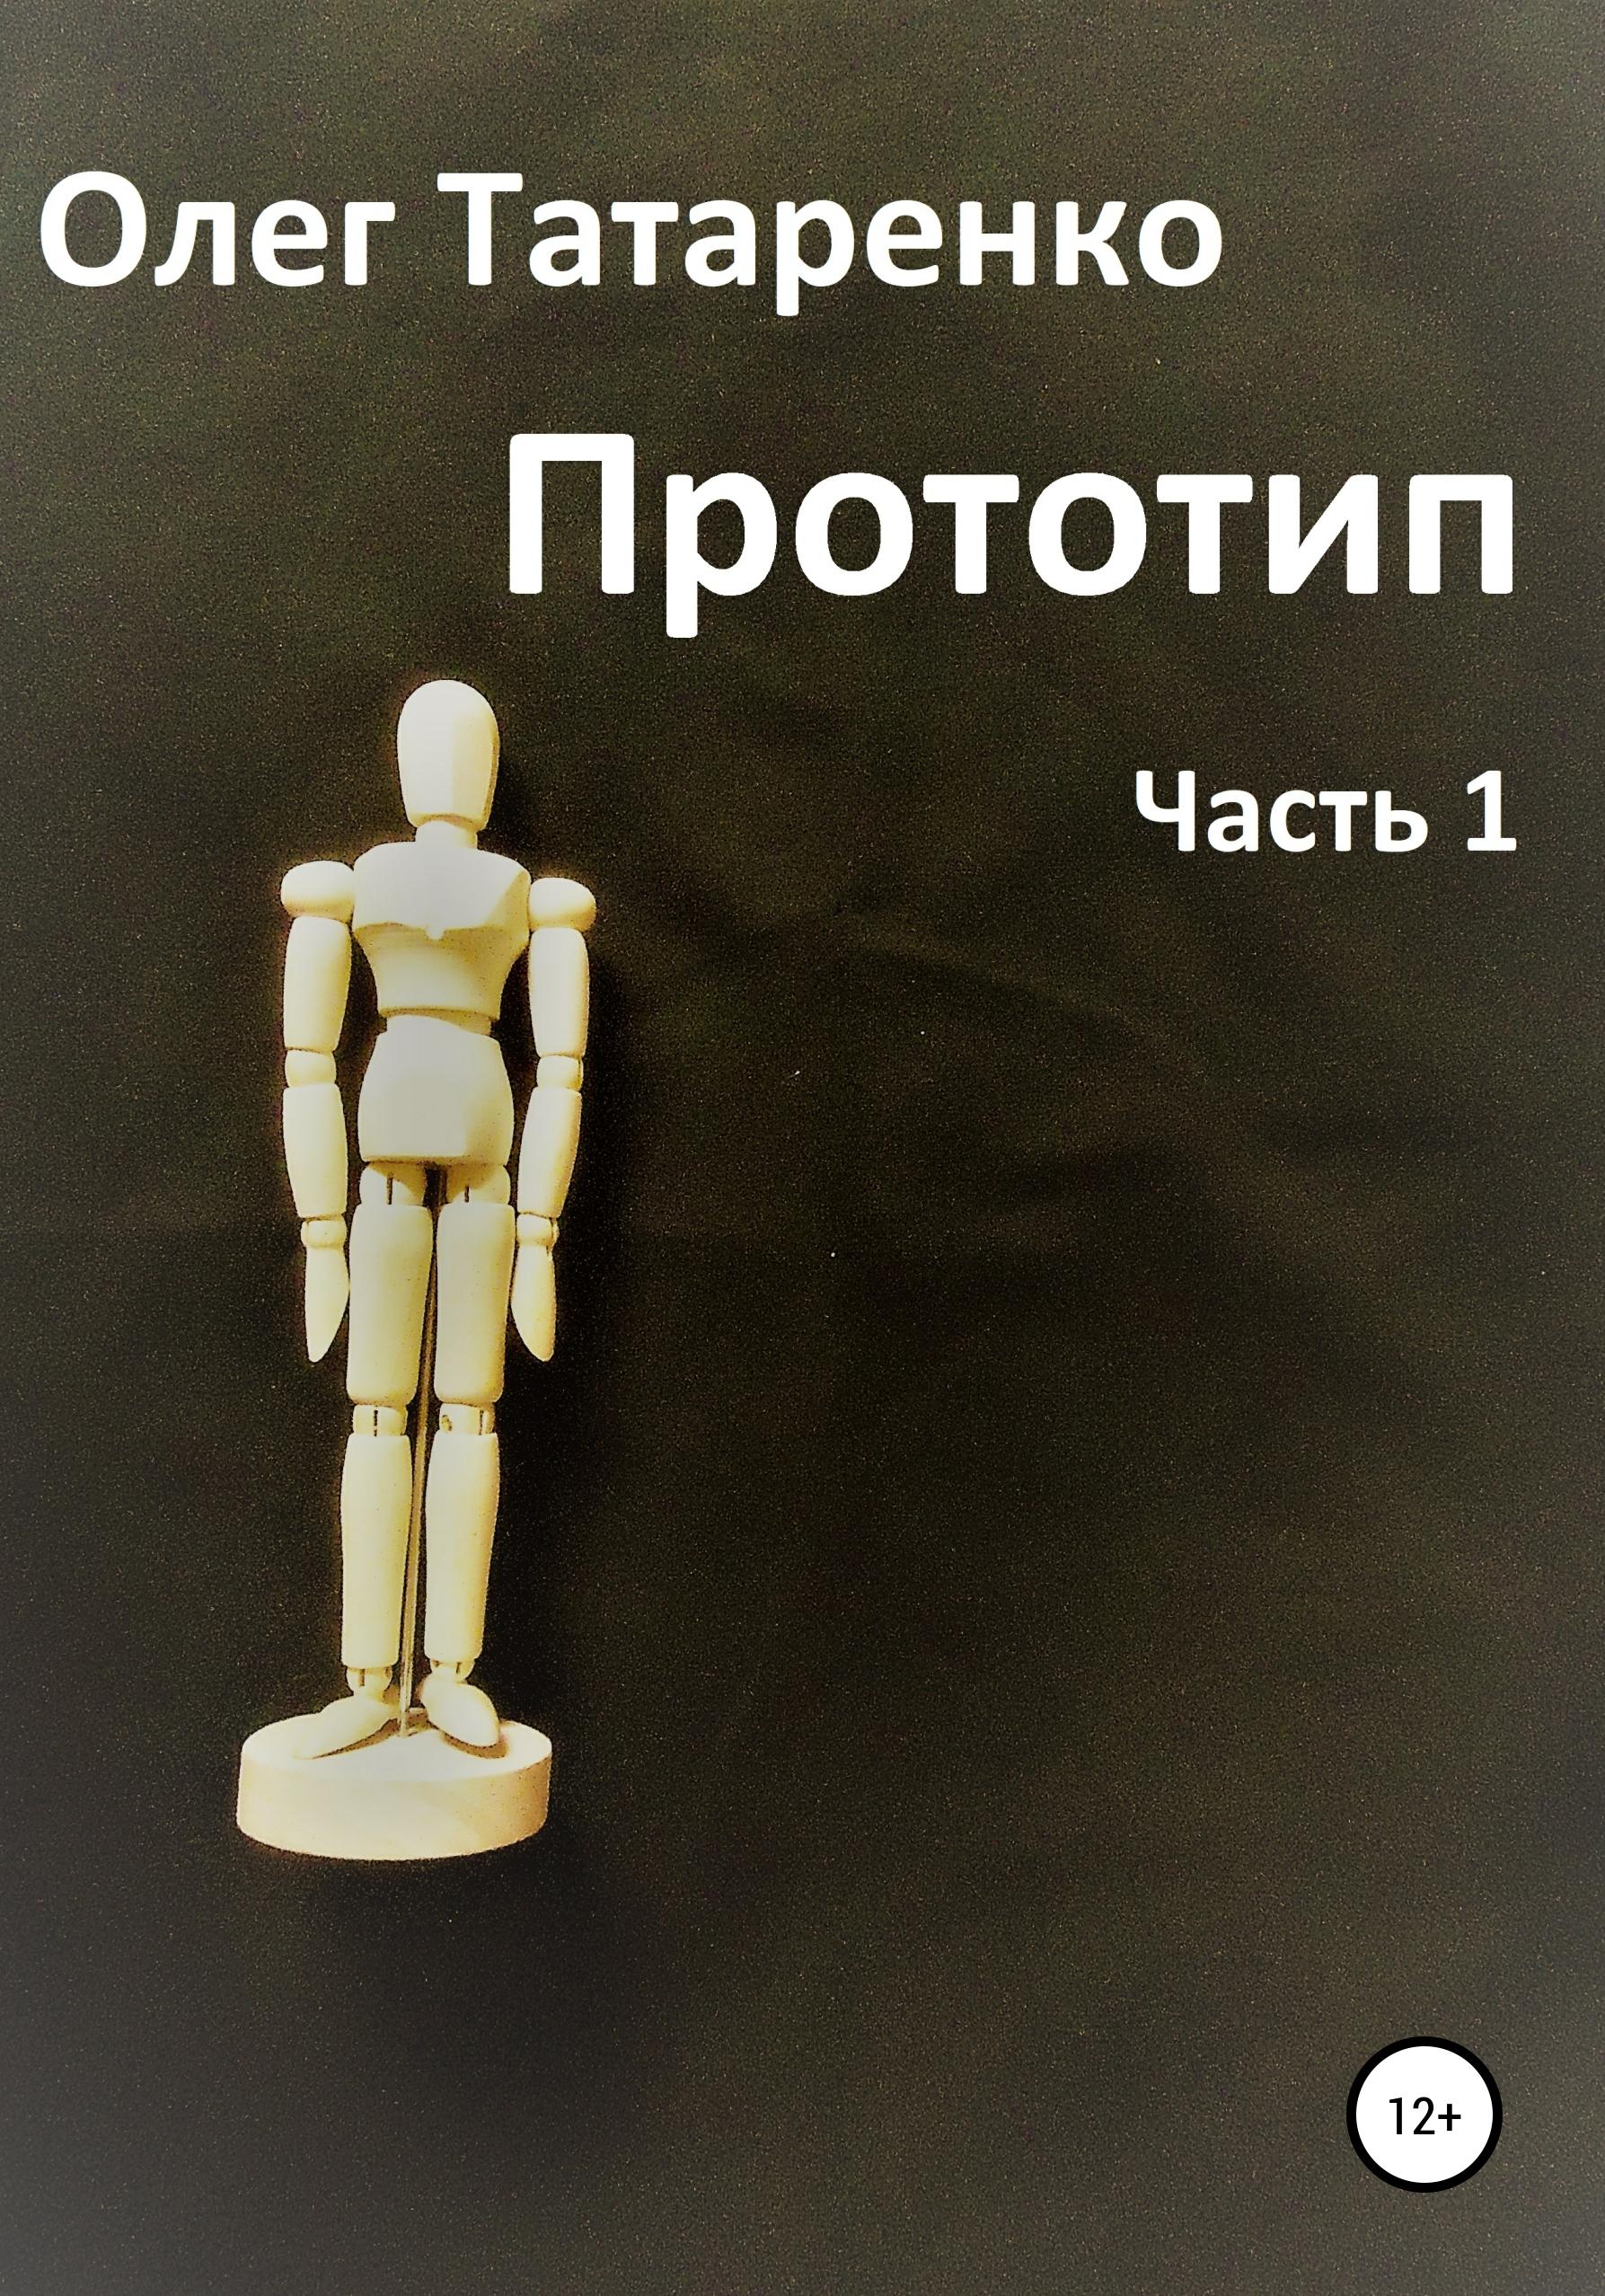 Олег Татаренко Прототип. Часть 1